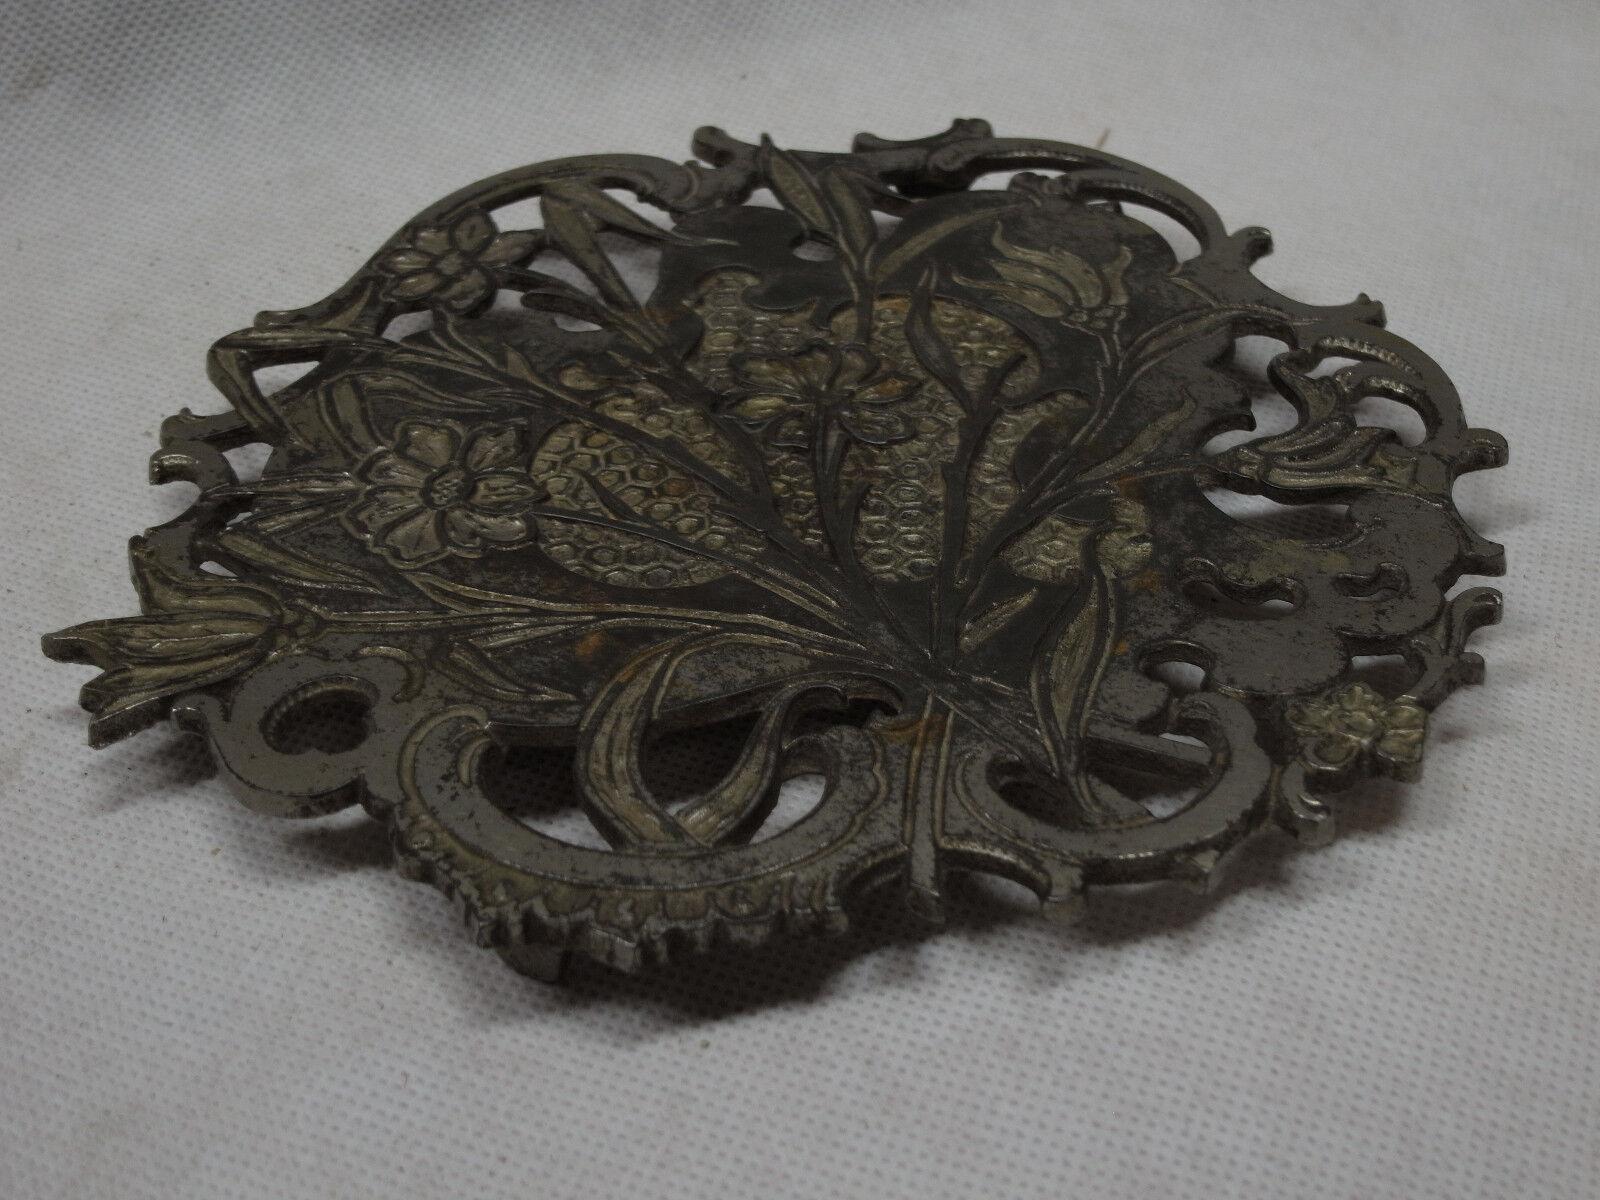 Fer dessous de Verre   Pot dessous de Verre   Um 1900